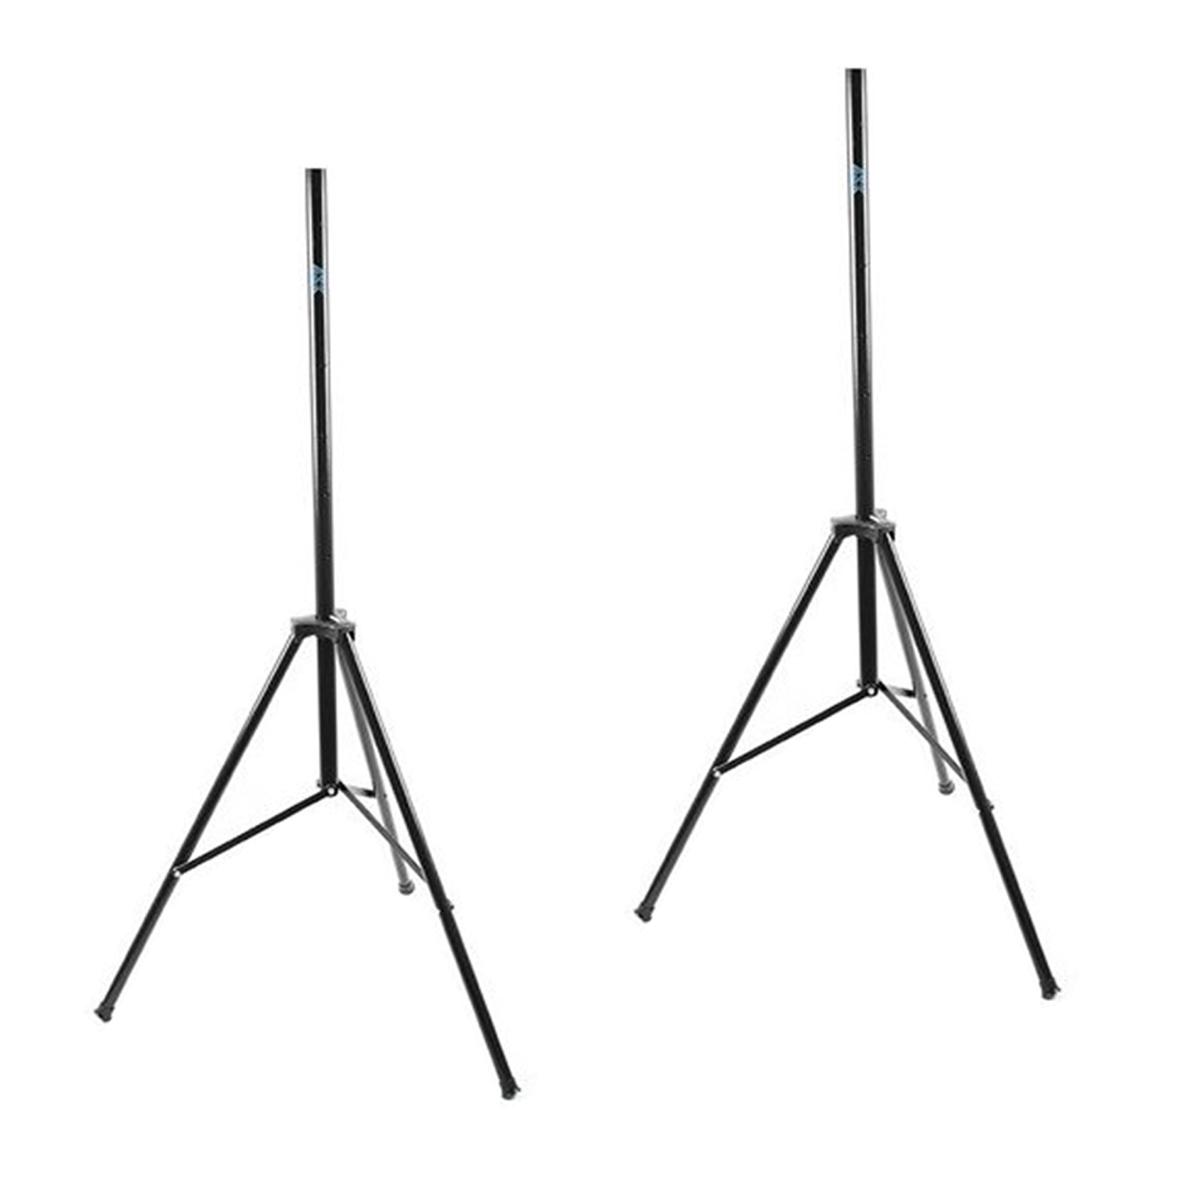 1 Par de Tripé para Caixa com altura de 130 a 150 cm ASK CXP